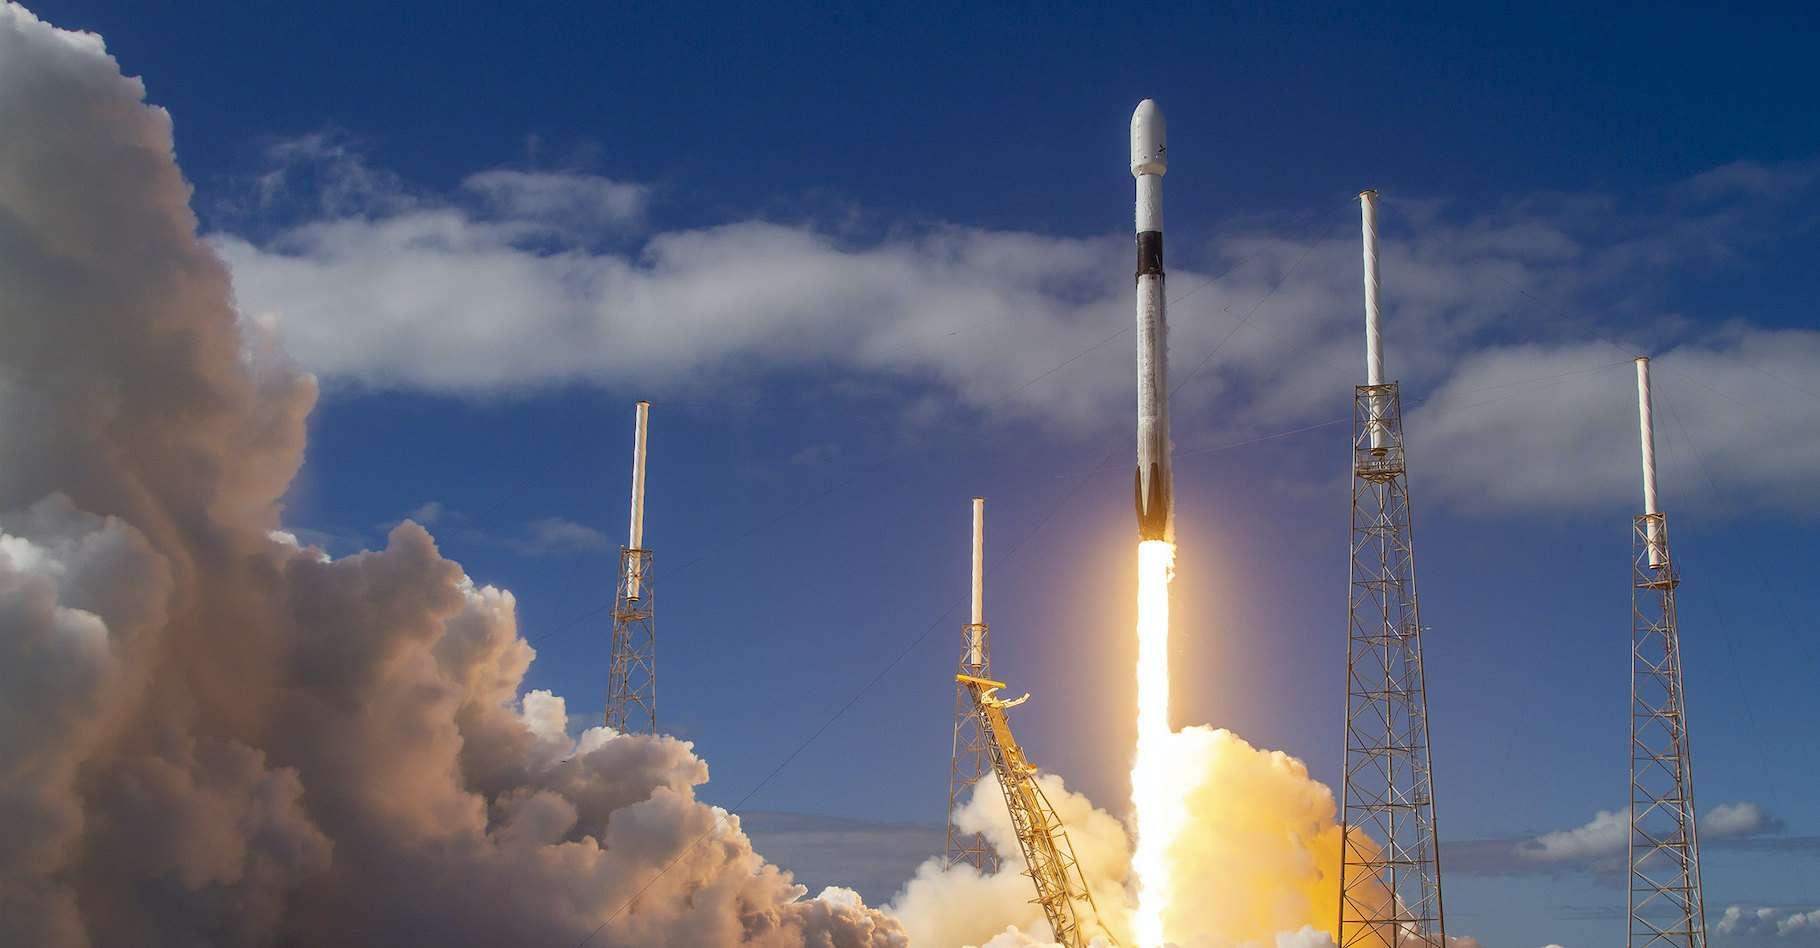 SpaceX promet aux astronomes de prendre en compte leurs plaintes et de travailler sur les propriétés optiques des satellites de Starlink. © SpaceX